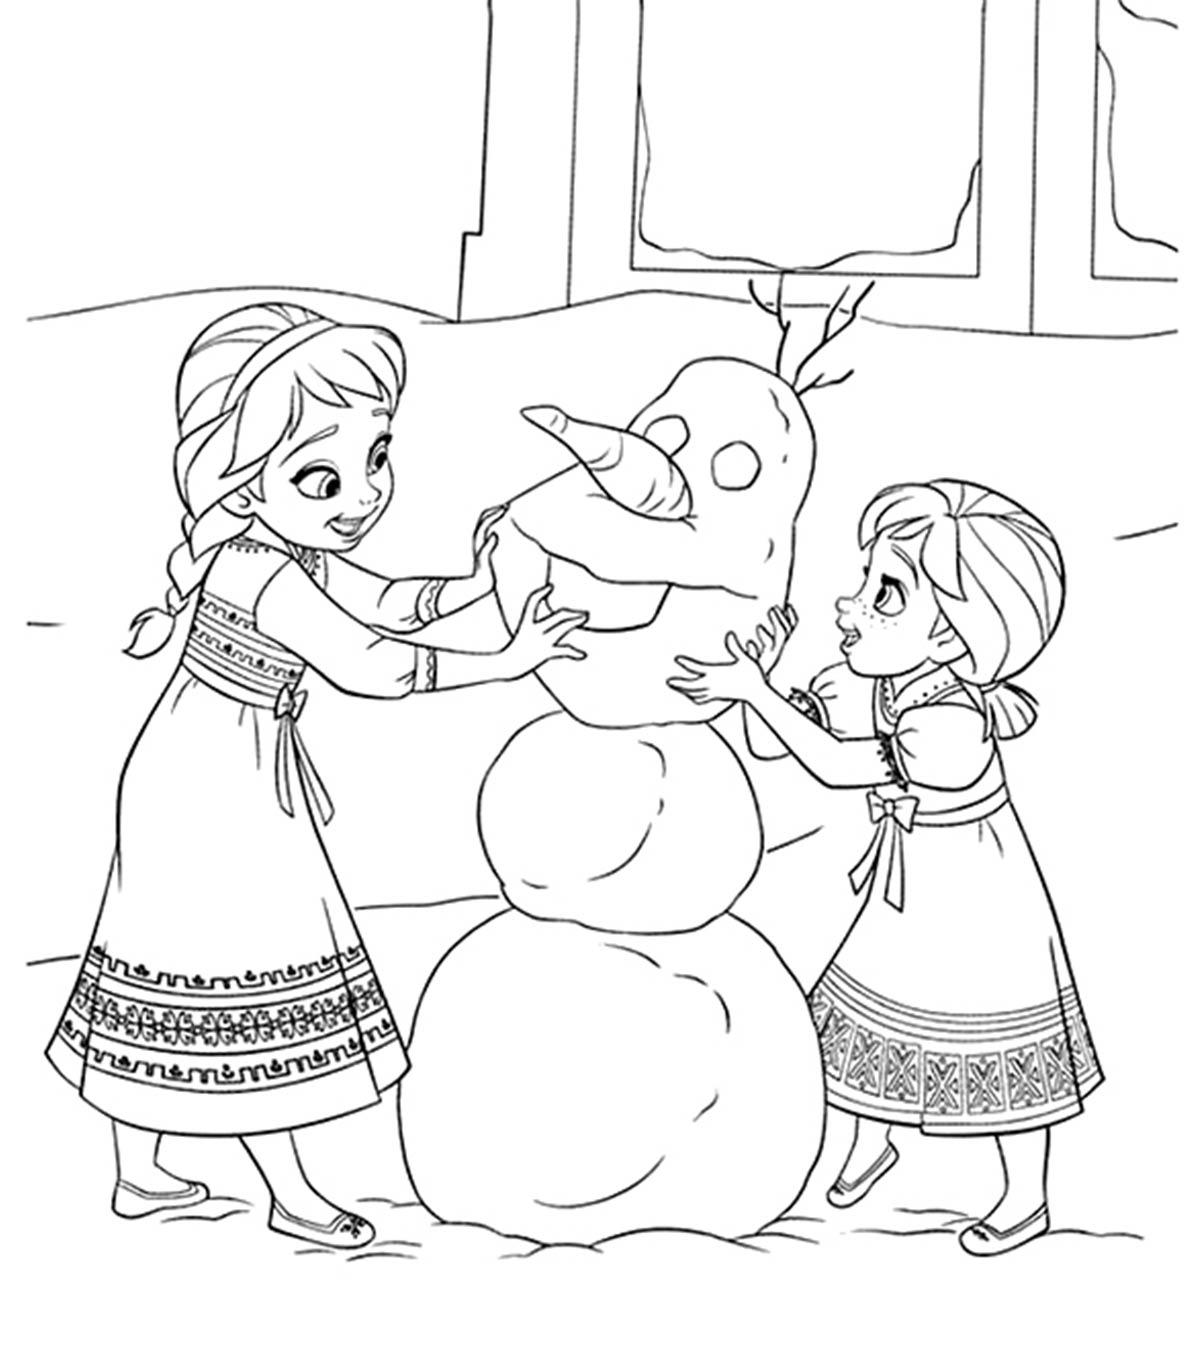 Tranh tô màu công chúa Elsa đẹp nhất